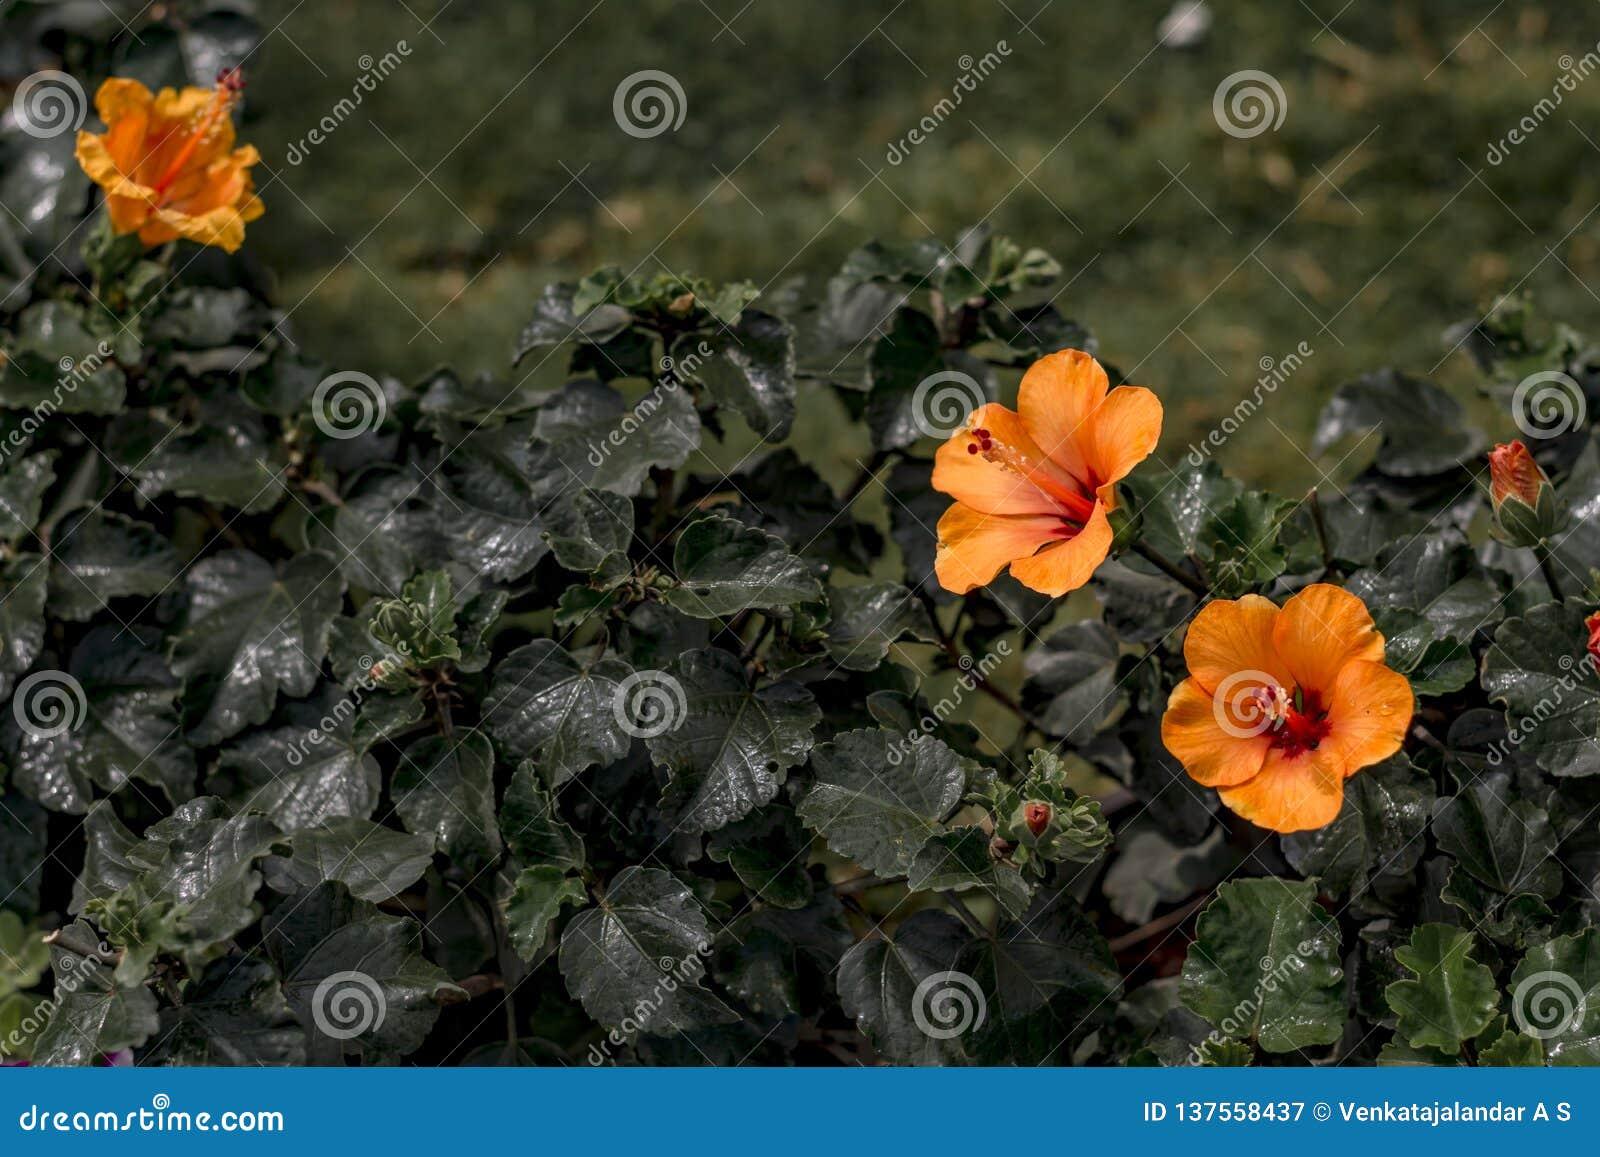 Flor alaranjada pequena do hibiscus com fundo borrado do jardim